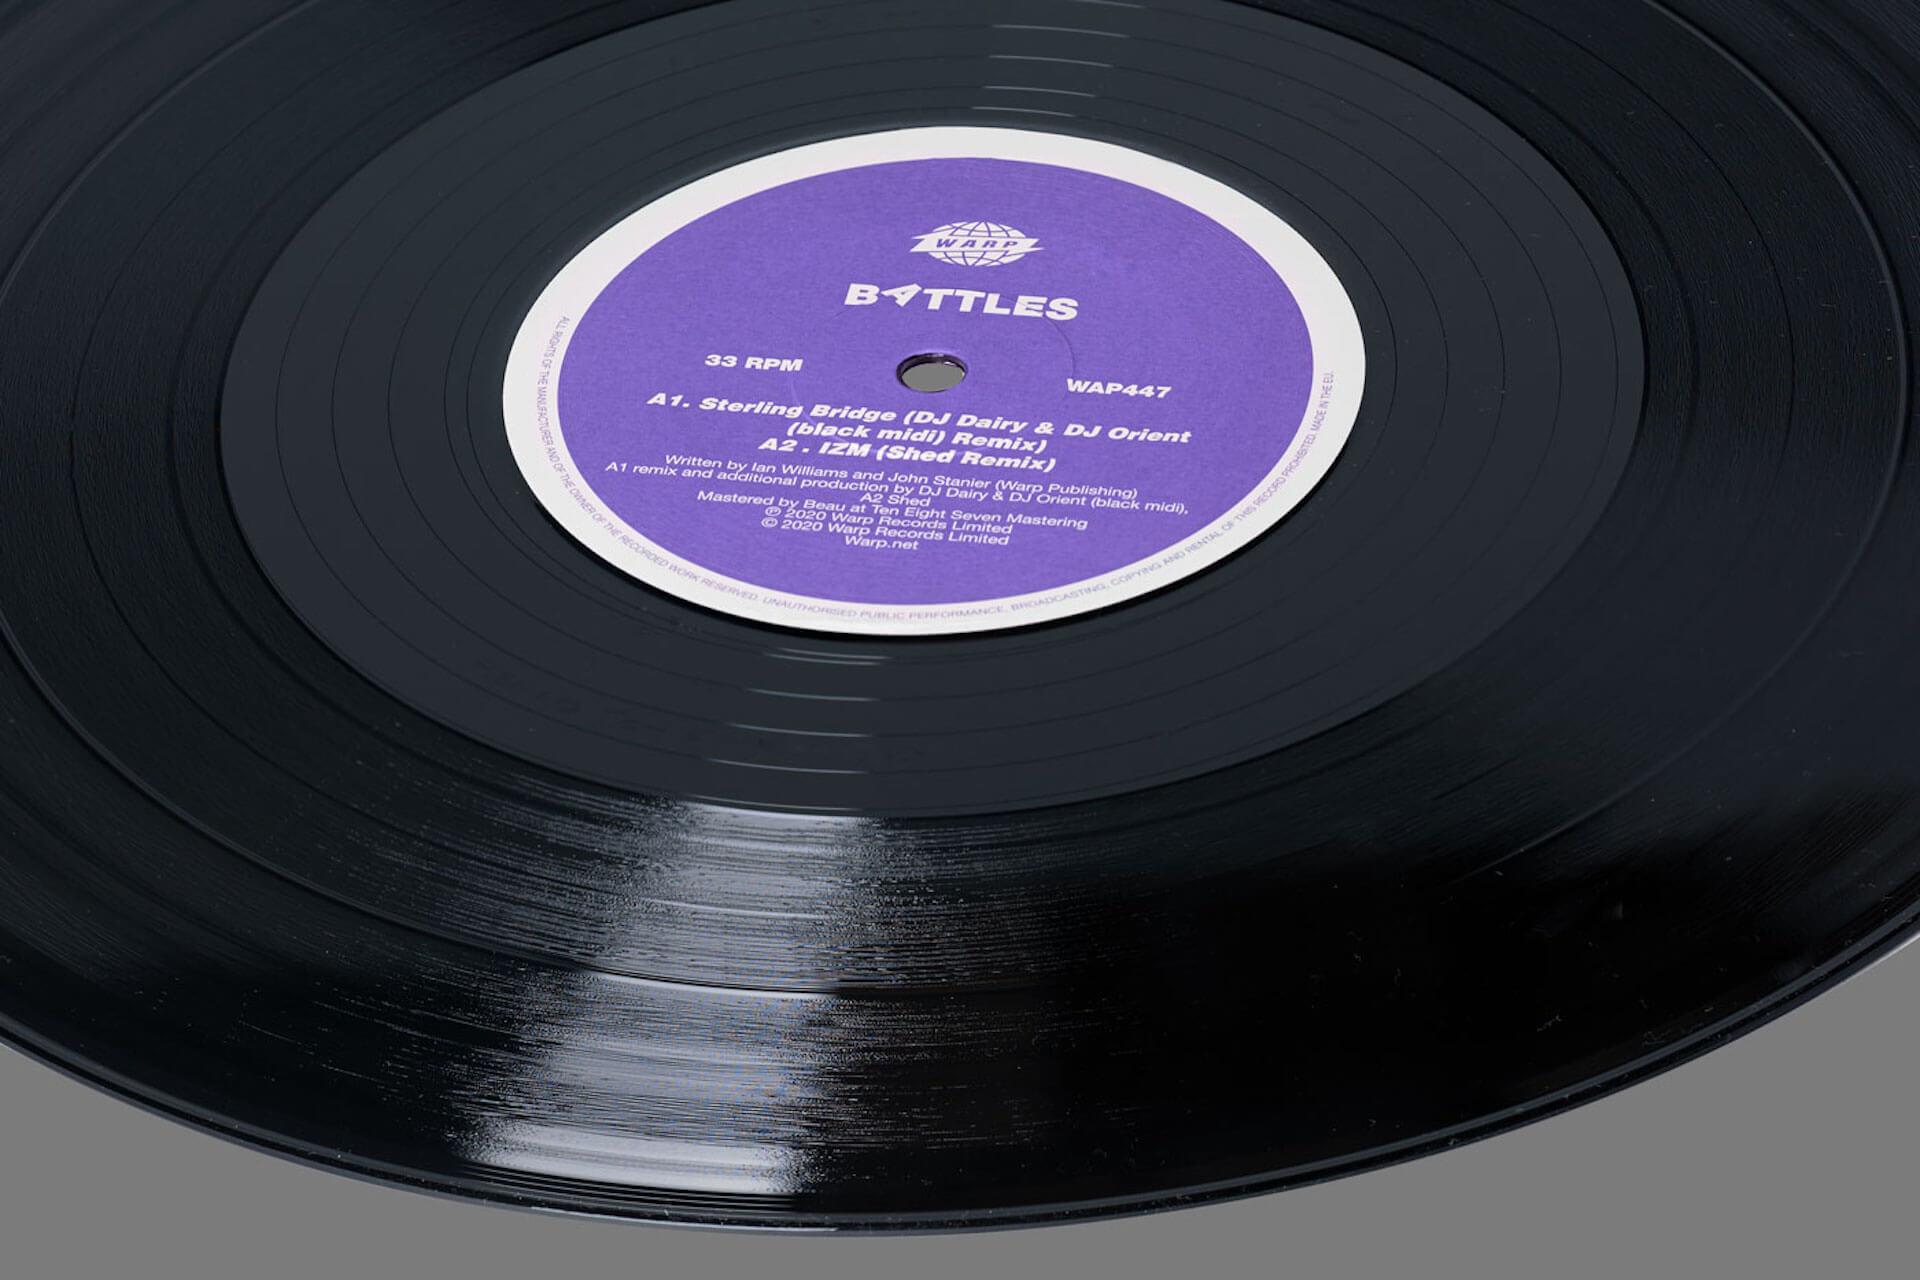 """Battles最新作『Juice B Crypts』のリミックスEP『Juice B Mixed』にblack midi、Shedら参加決定!black midiによるリミックス曲""""Stirling Bridge""""が先行解禁 music201007_battles_8"""